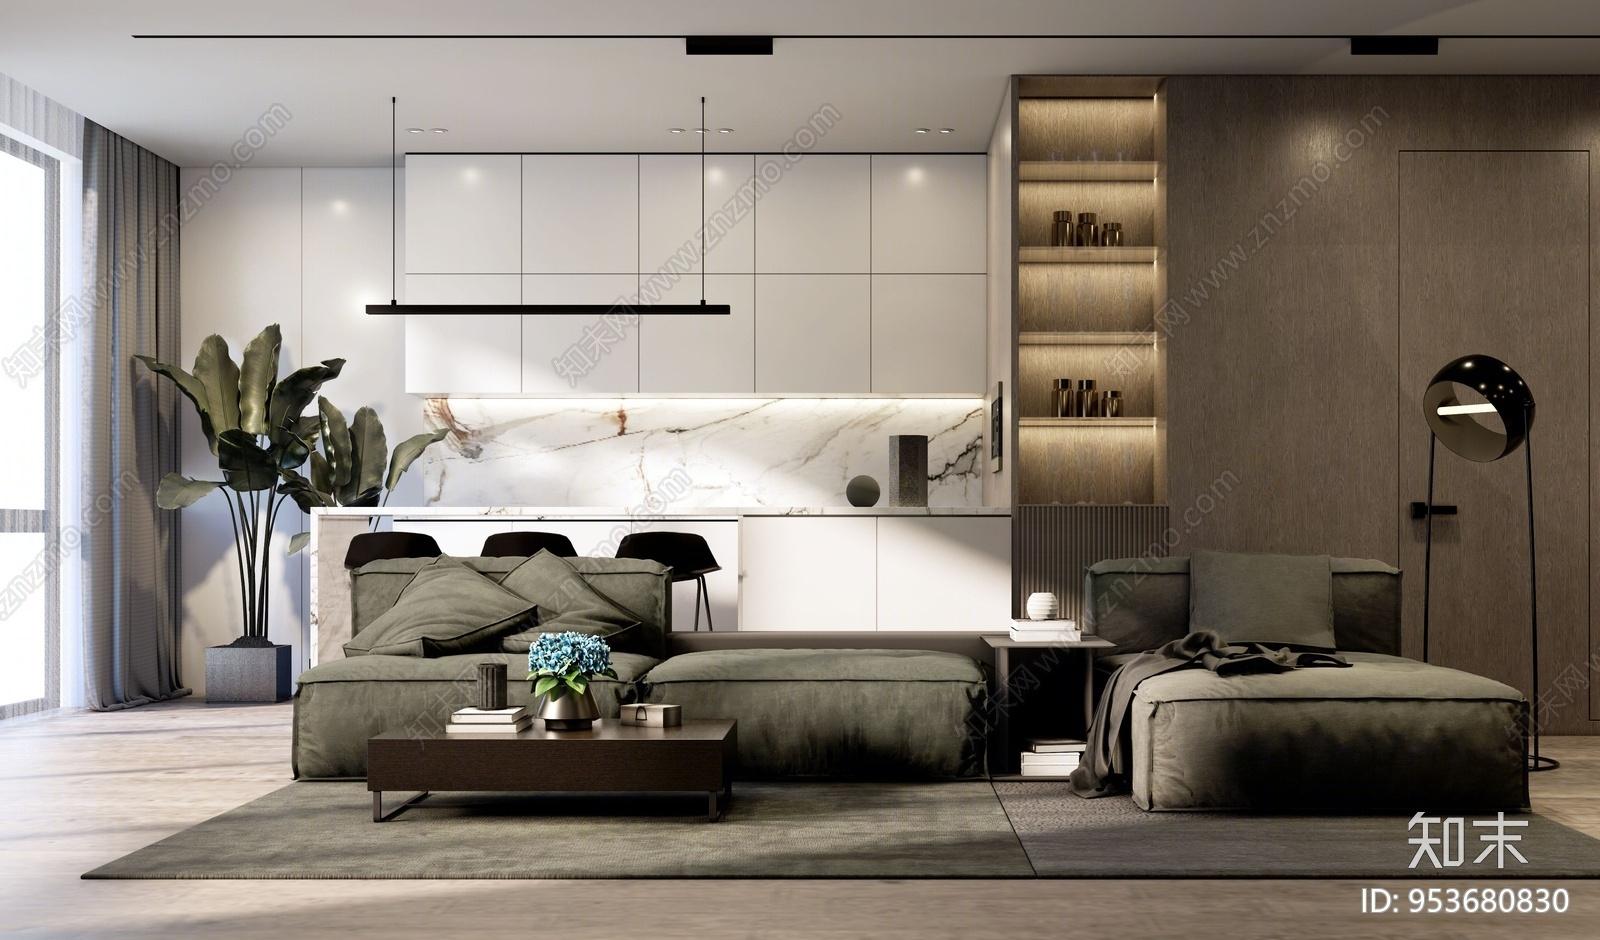 现代风格家居客厅 橱柜 吊柜 装饰柜 沙发组合 落地灯 吊灯 绿植